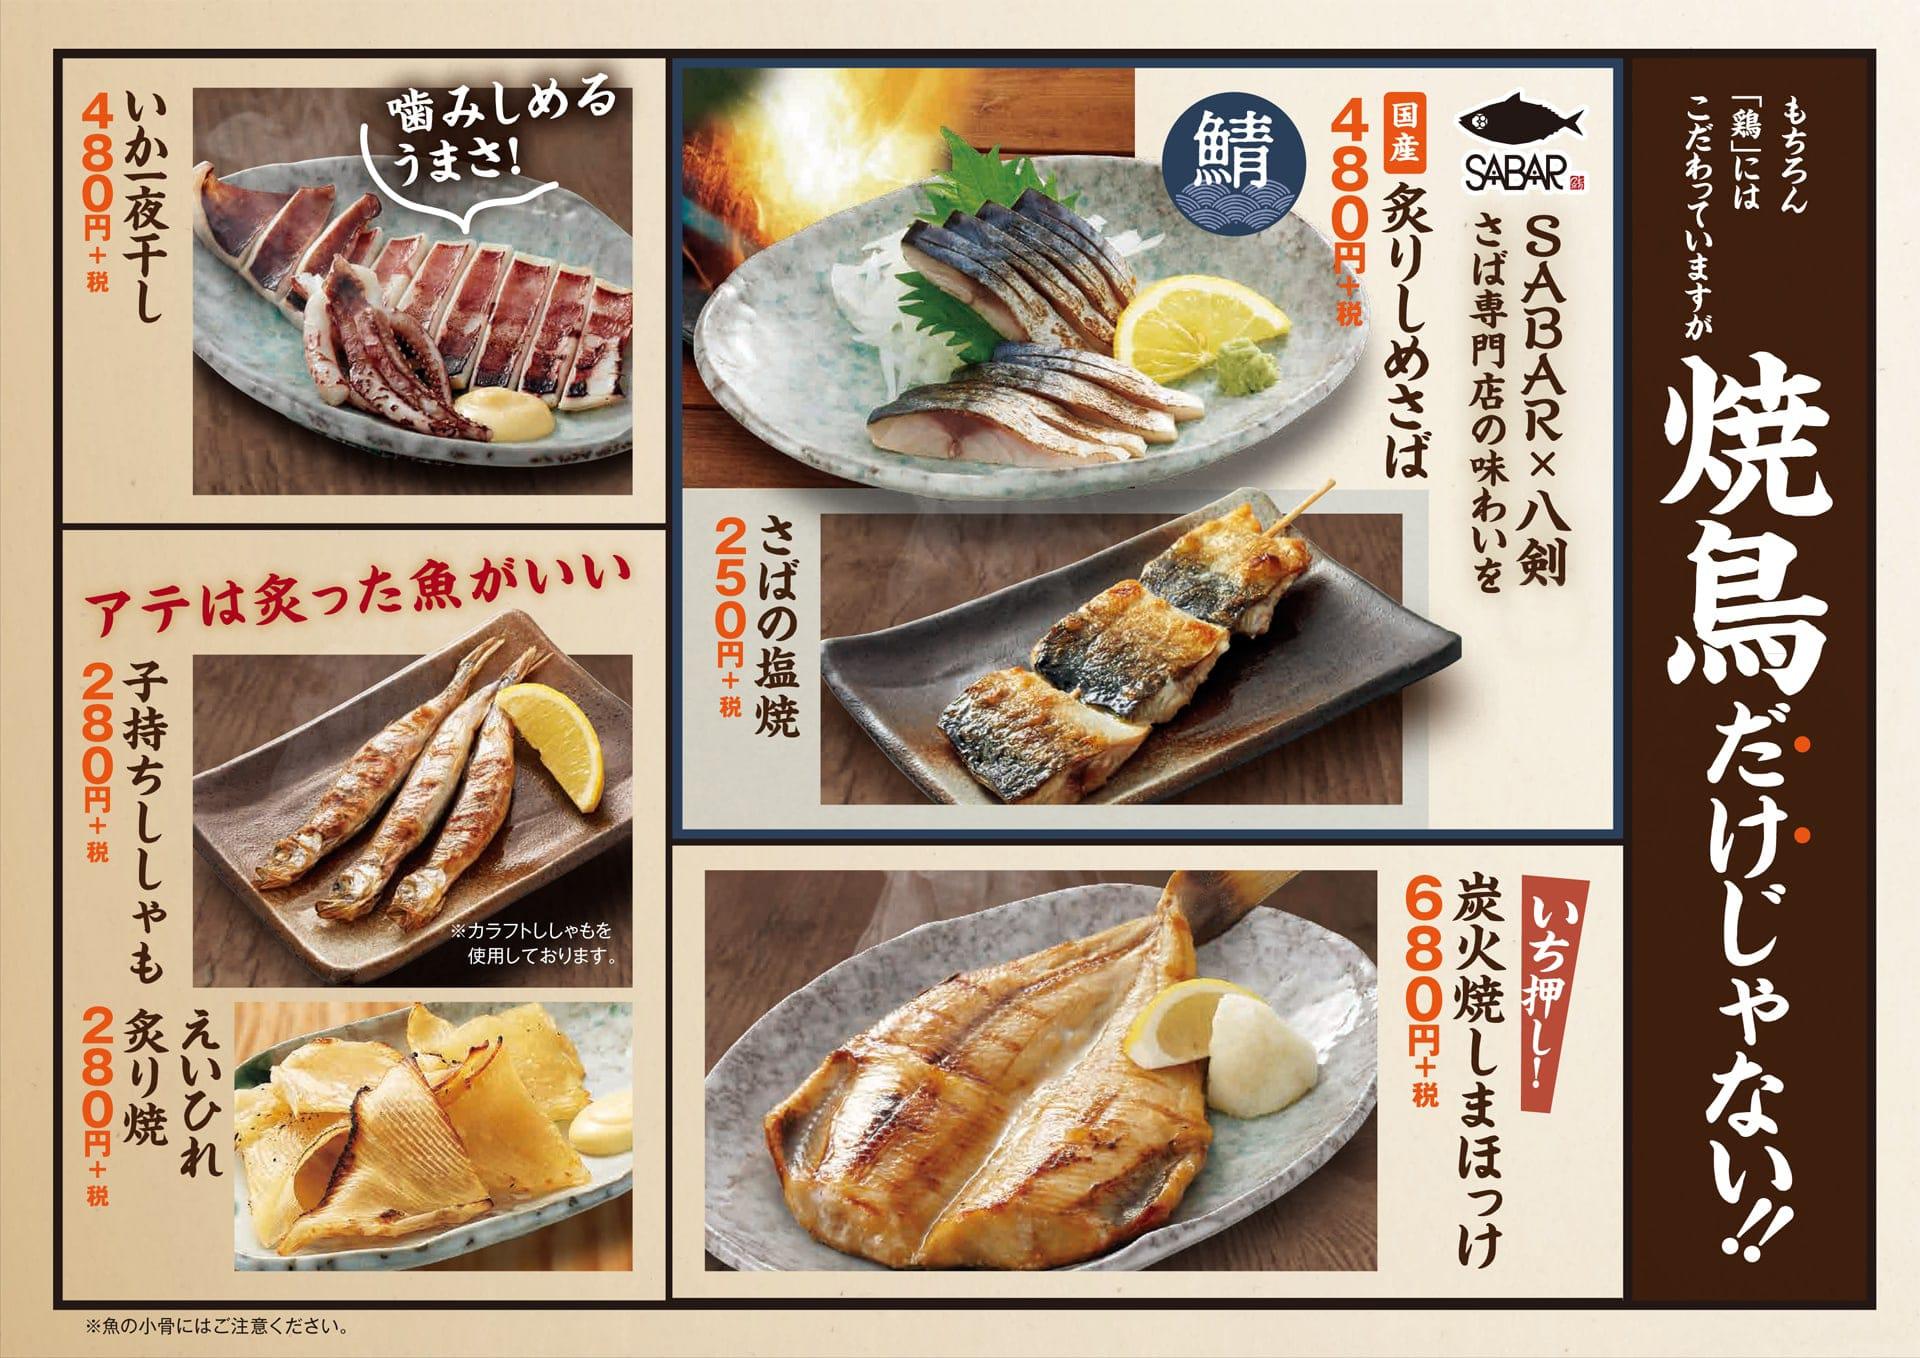 八剣食堂 魚介